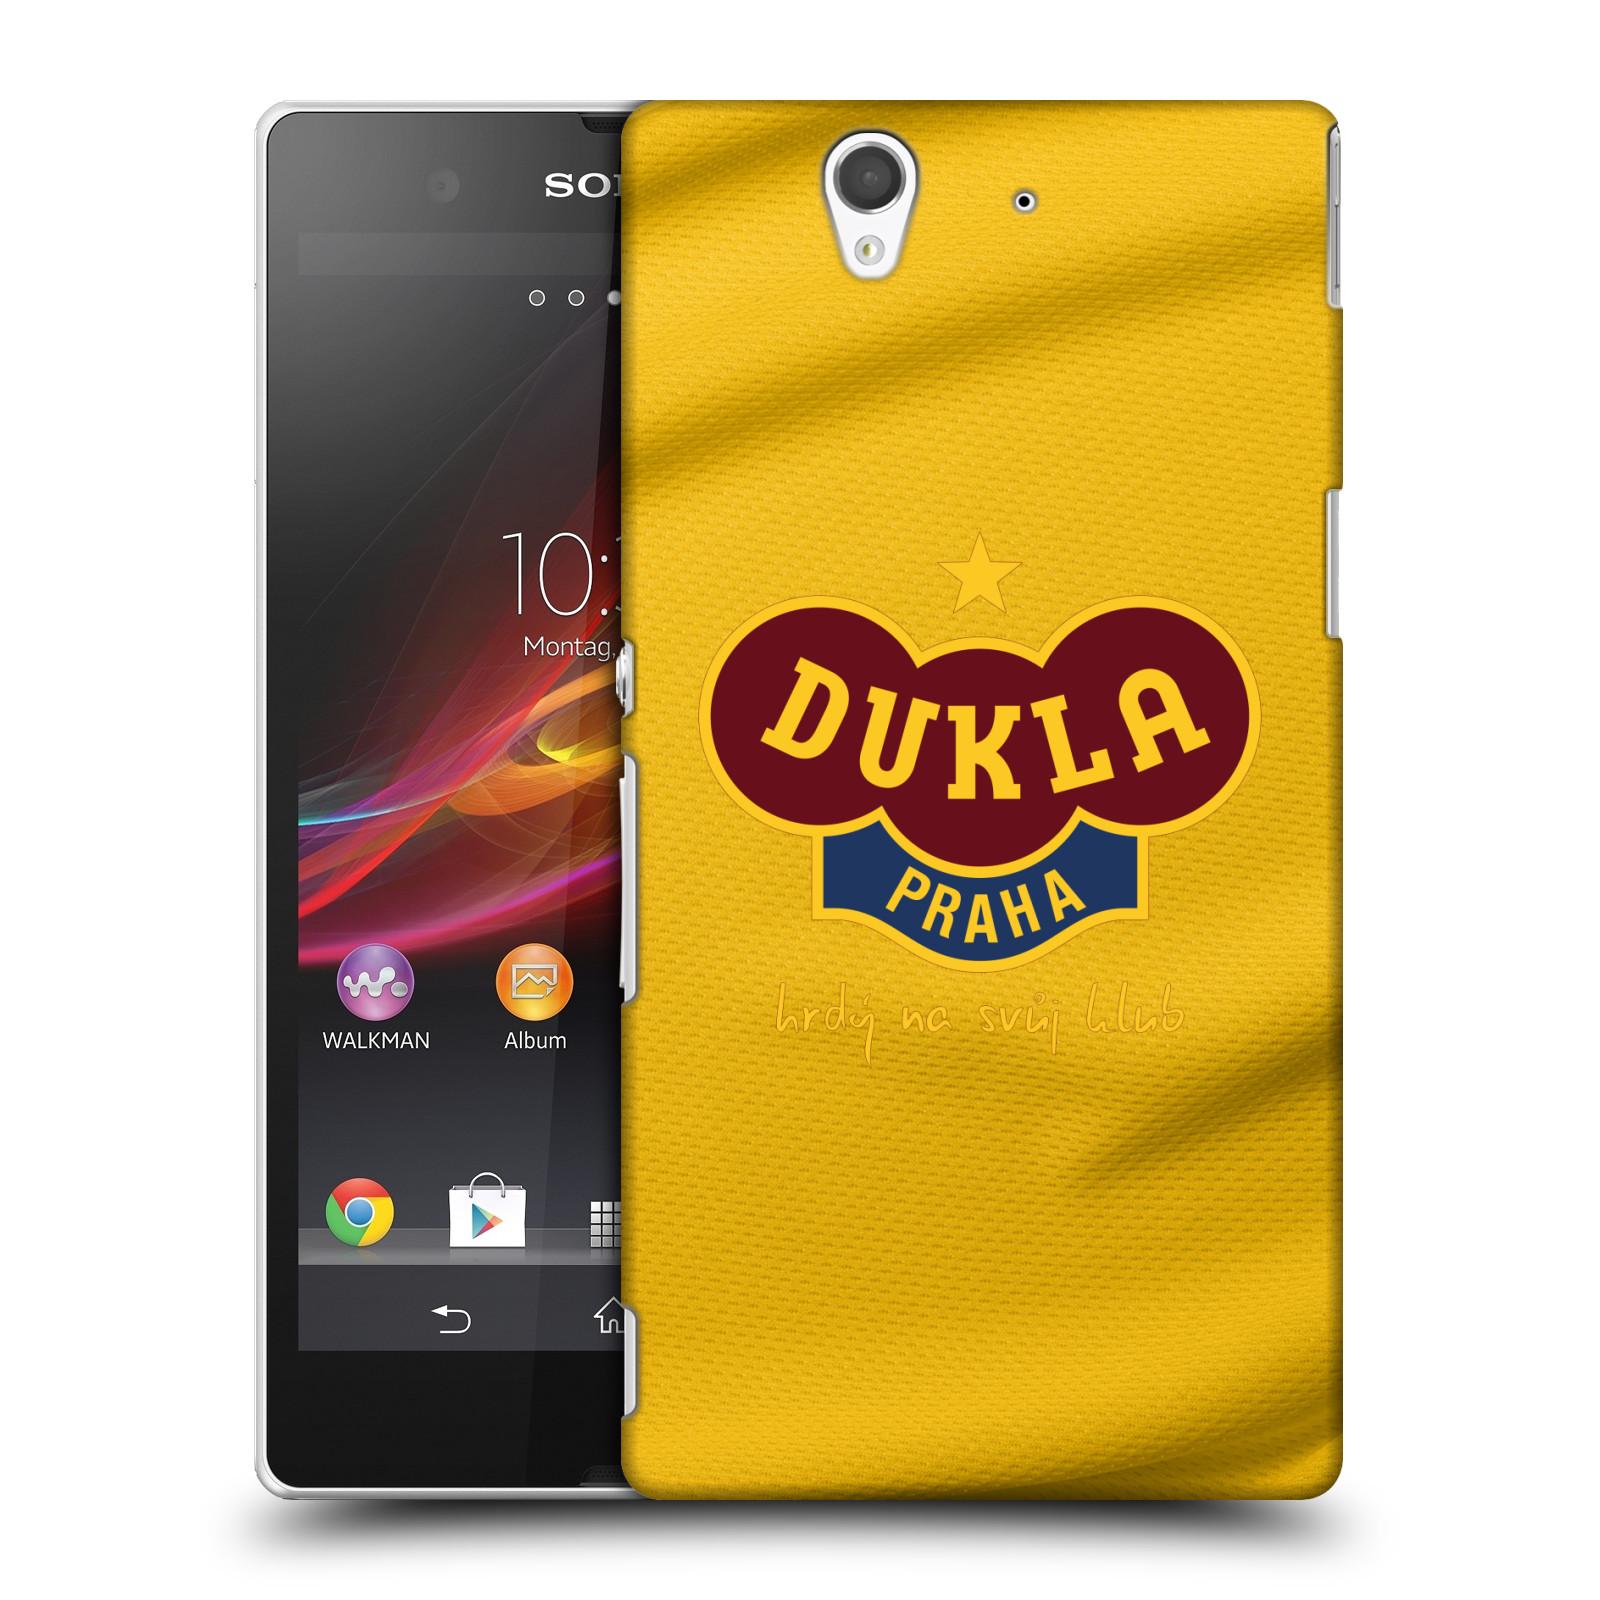 Plastové pouzdro na mobil Sony Xperia Z C6603 - FK Dukla Praha - Žlutý dres